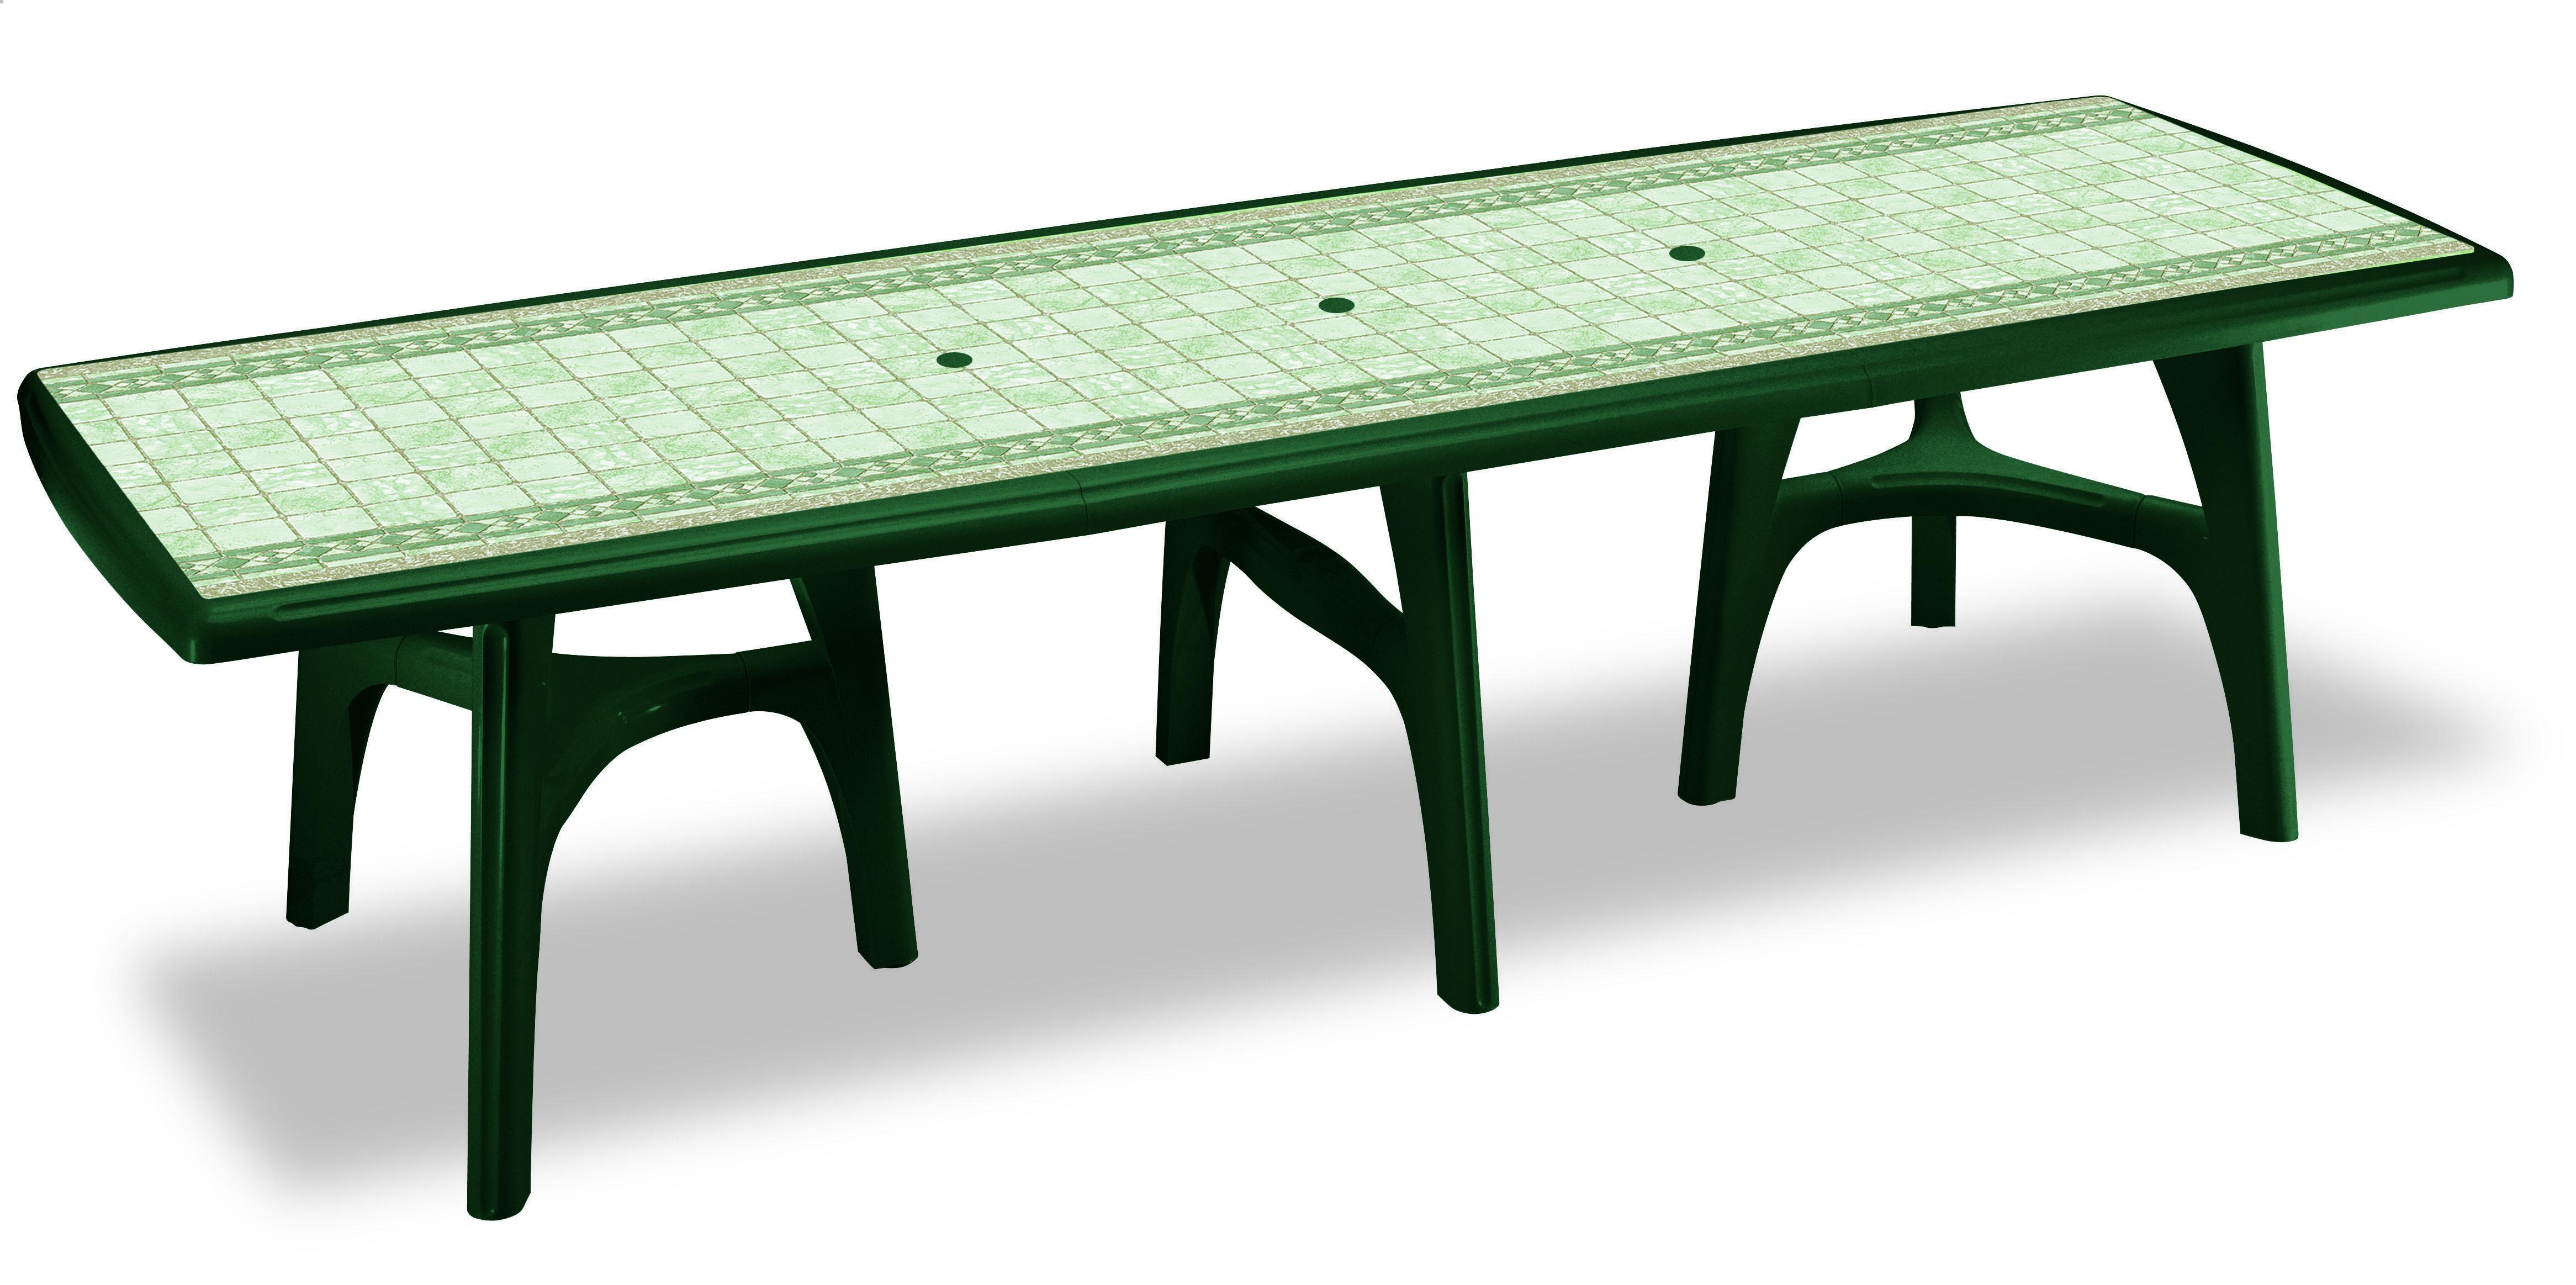 Tavolo Giardino Plastica Verde.Tavolo Da Giardino President 3000 In Resina Allungabile By Scab